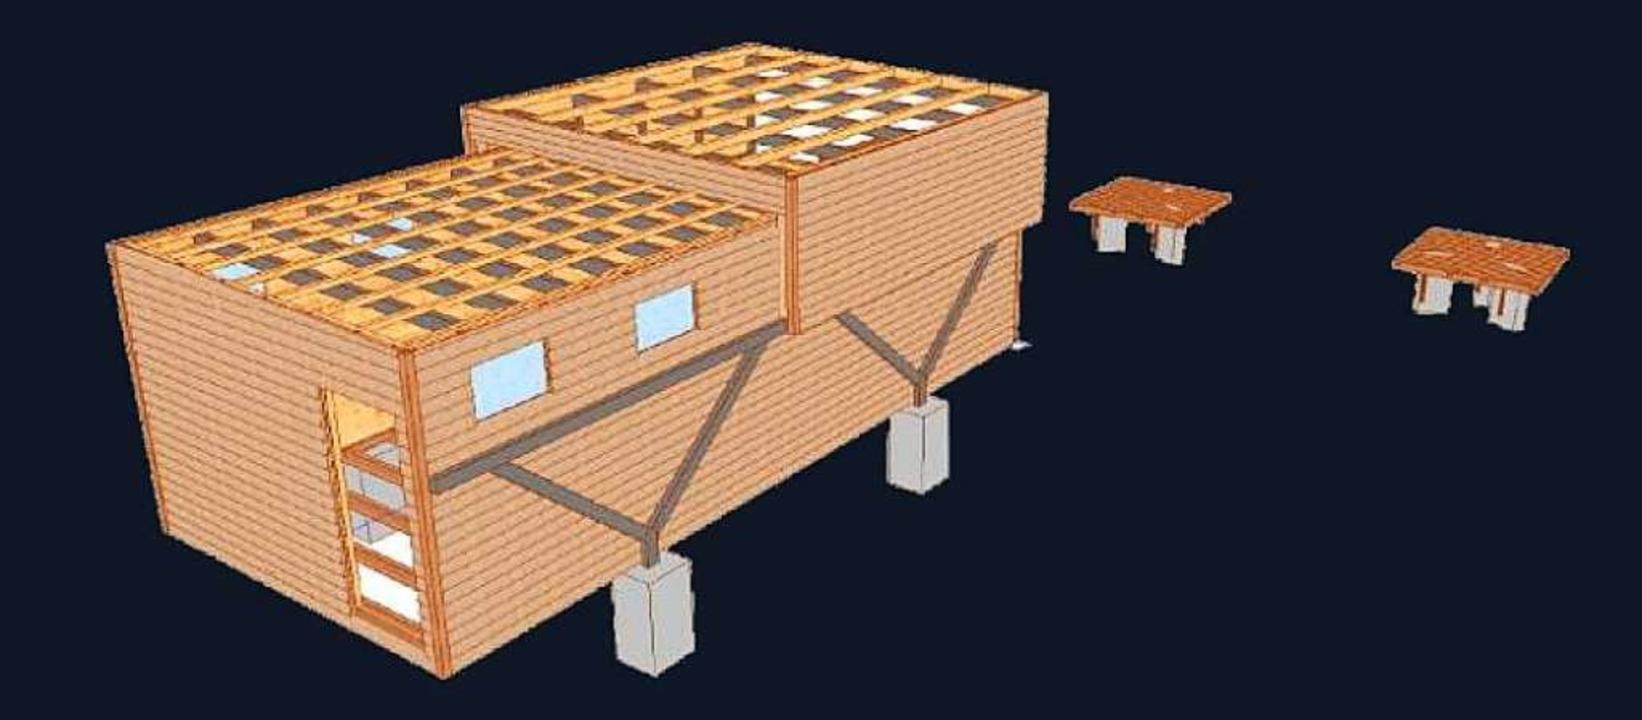 Skizze der Rolldachhütte mit zwei Beob...n freien Blick gen Himmel zu gewähren.  | Foto: Büro Karcher und Partner